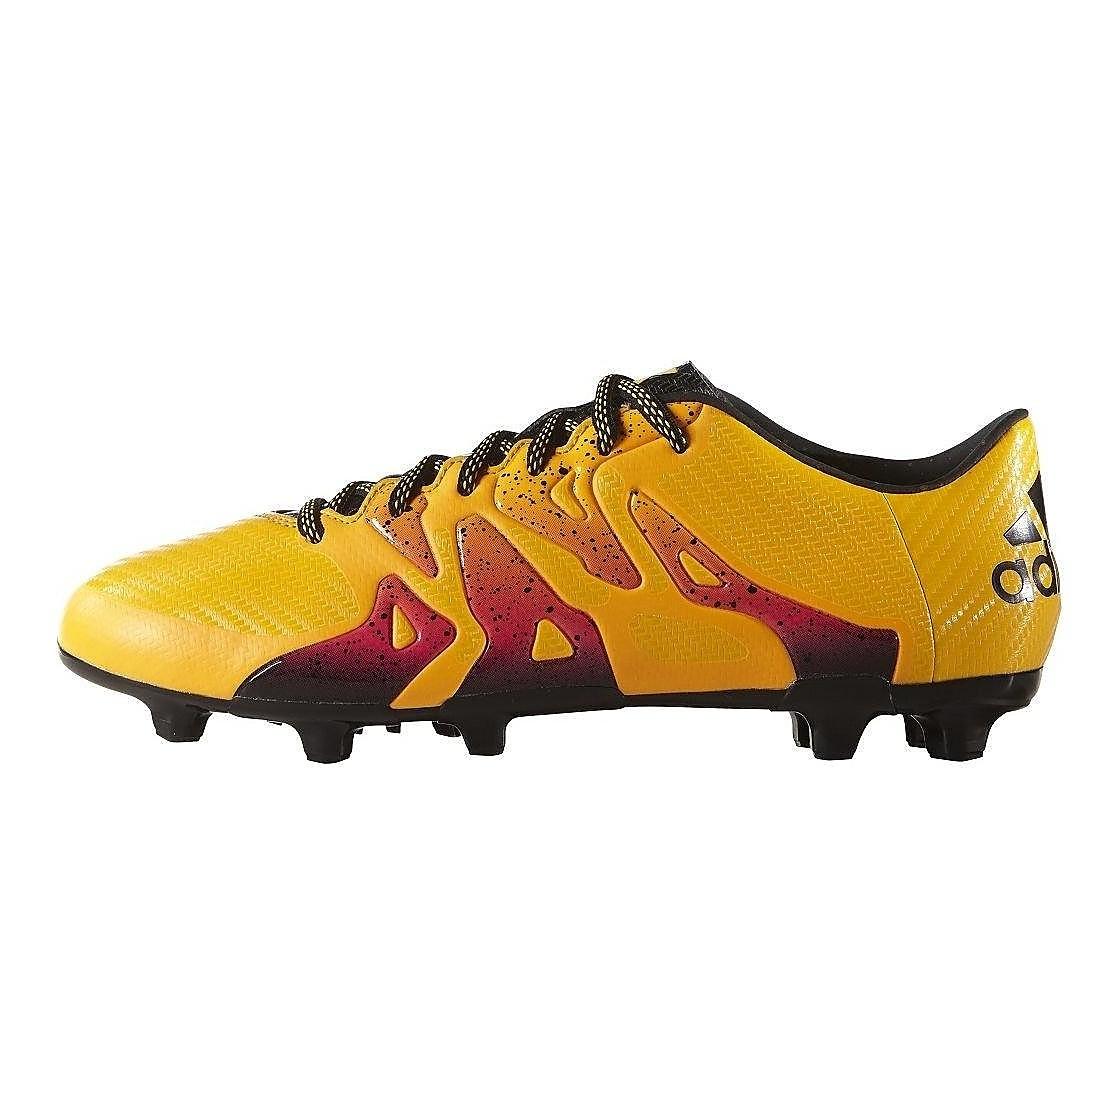 voetbalschoenen voor volwassenen FG-AG Chaos X 16.3 oranje-rood